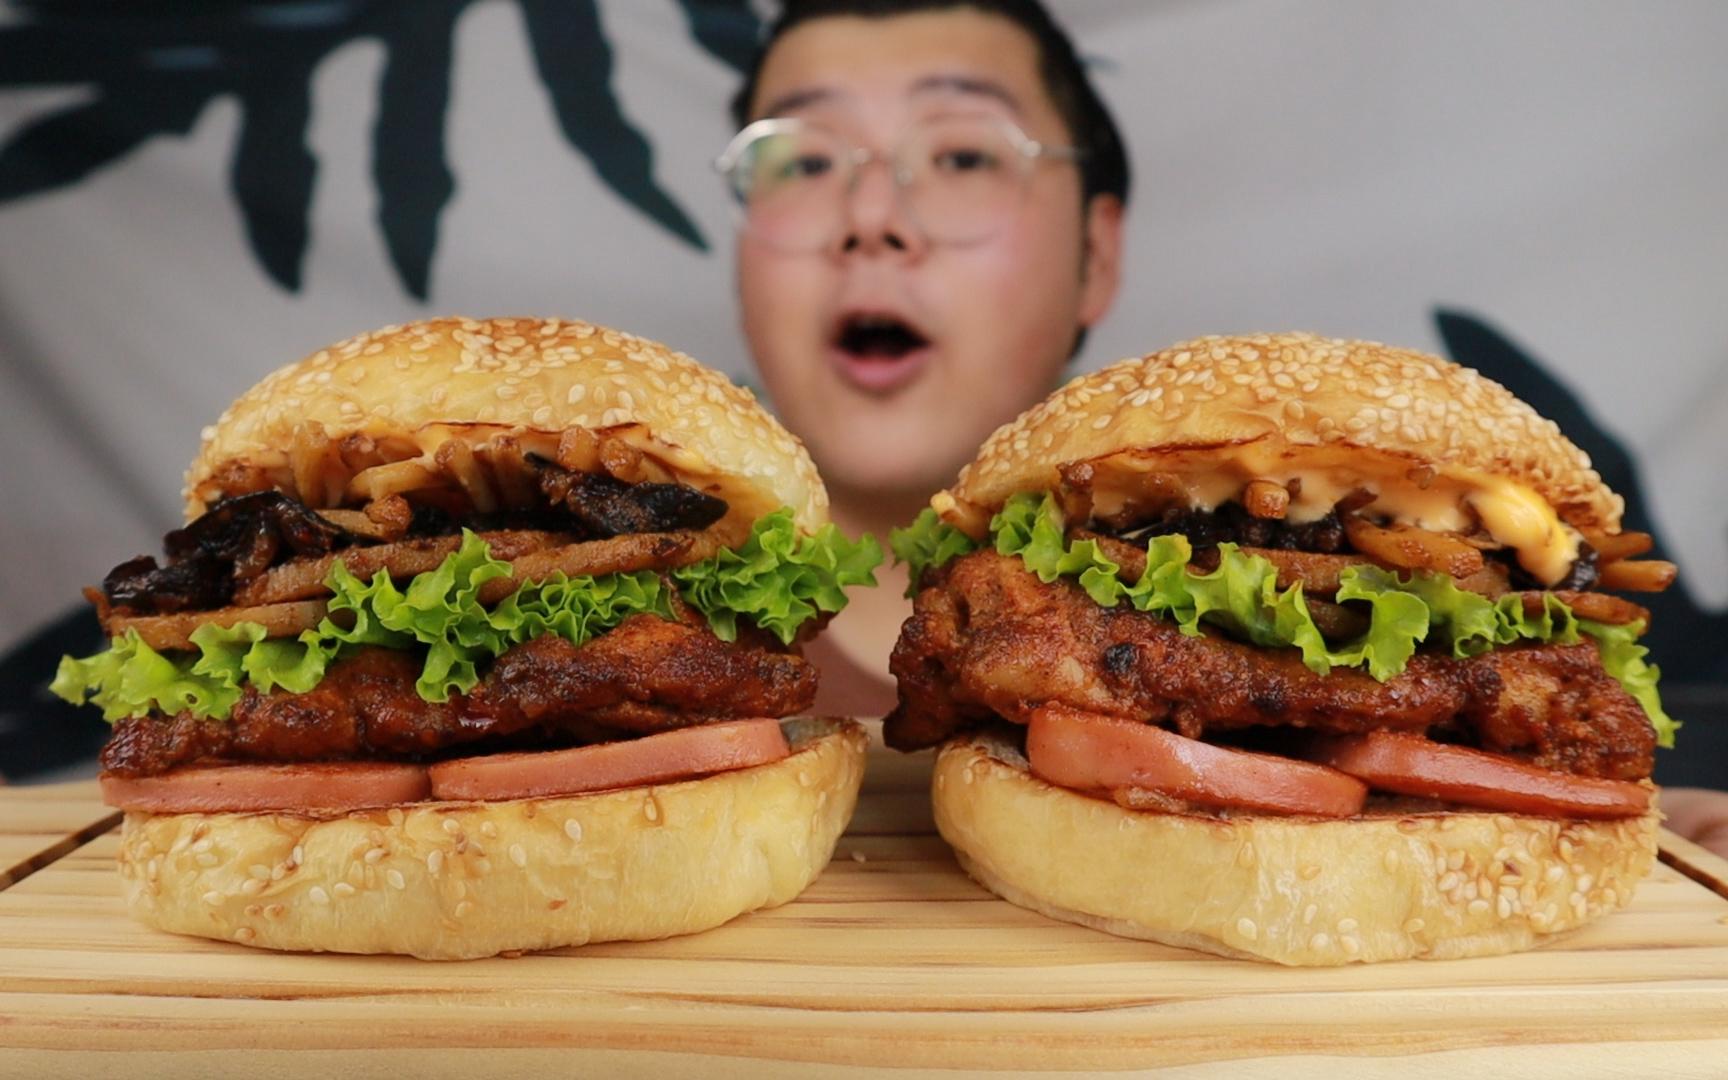 麻辣香锅做汉堡?自制香锅风味鸡腿双层堡,比肯德基还好吃!